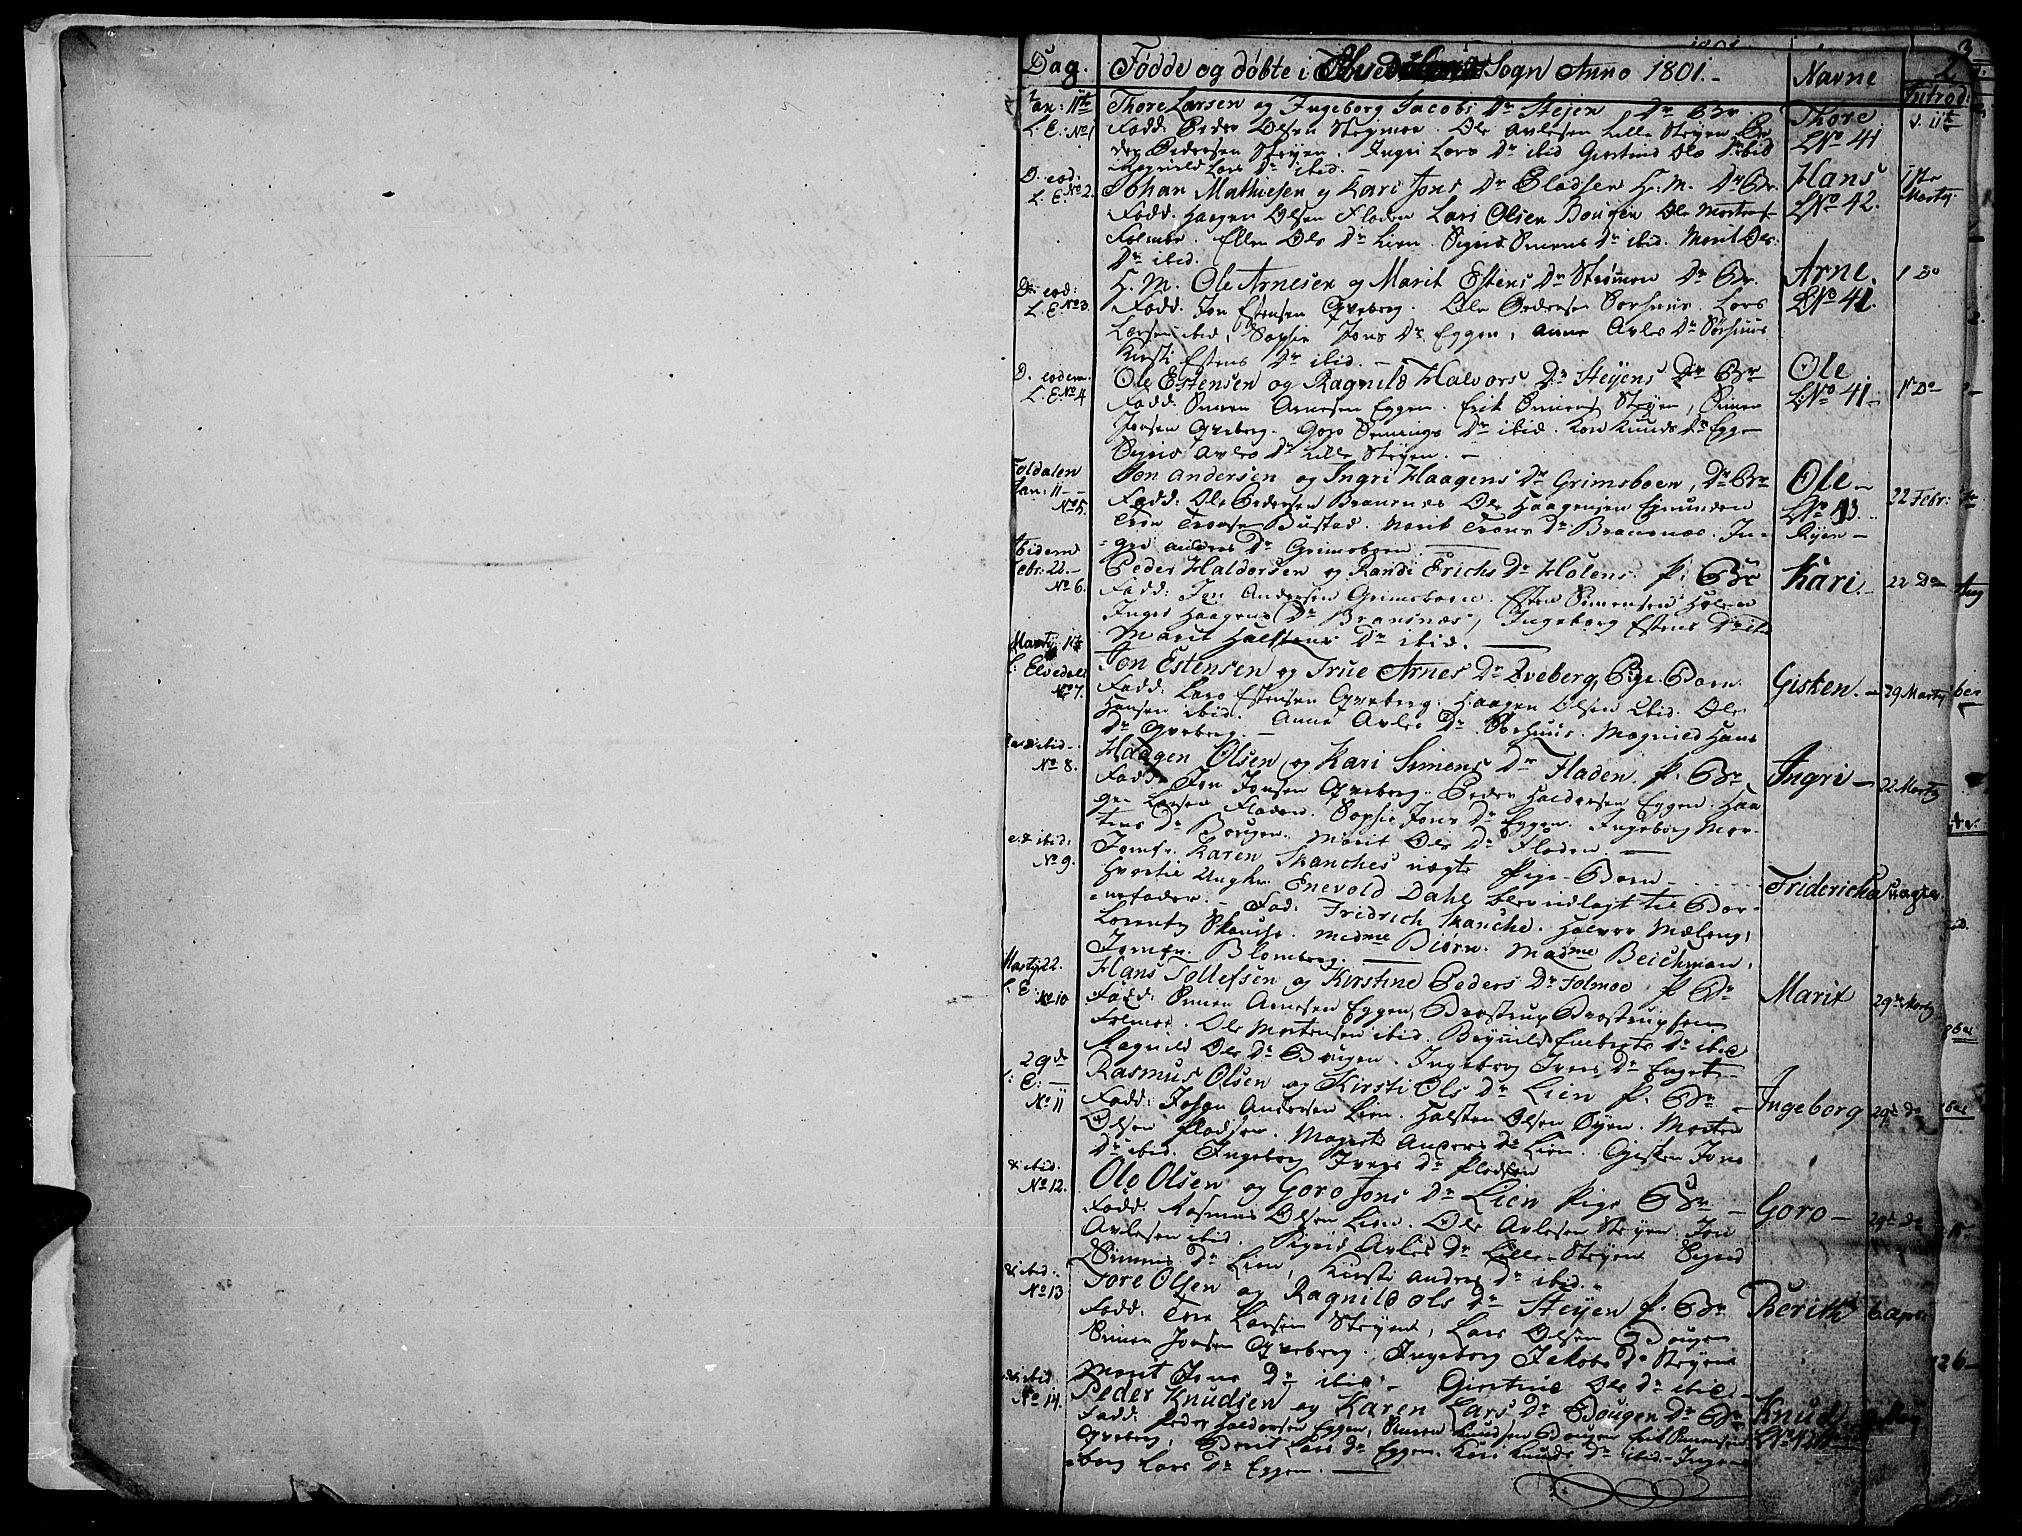 SAH, Tynset prestekontor, Parish register (official) no. 16, 1801-1814, p. 2